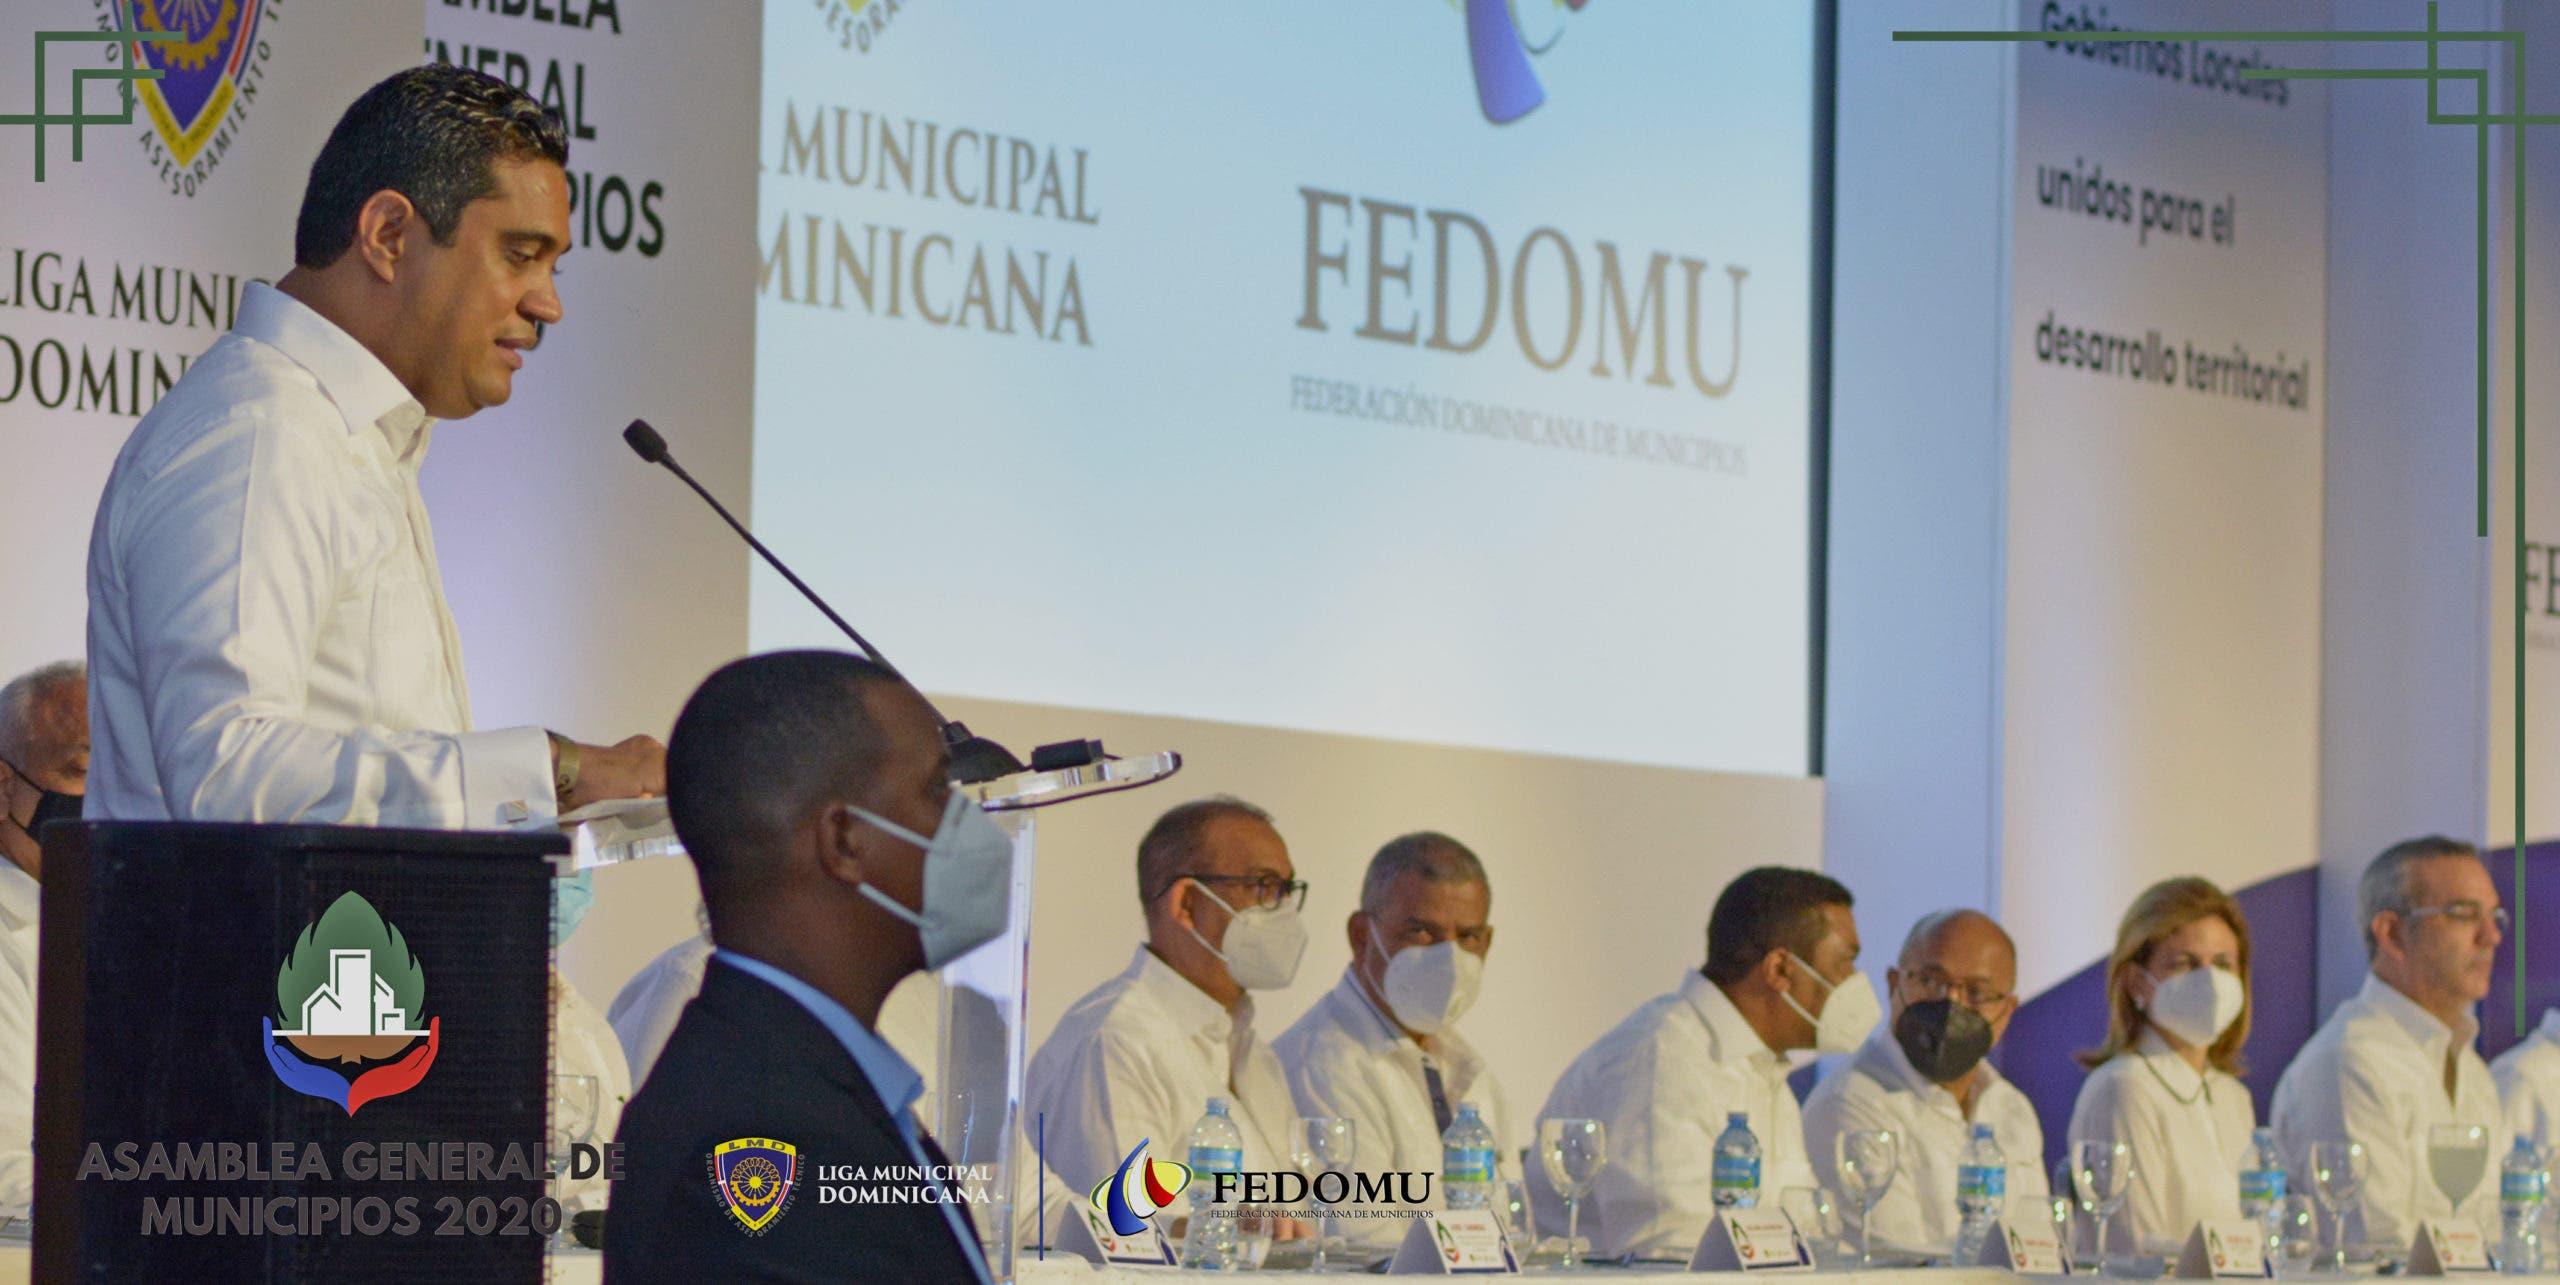 Primeros 100 días de Kelvin Cruz en Fedomu marcan continuidad desarrollo de gobiernos locales